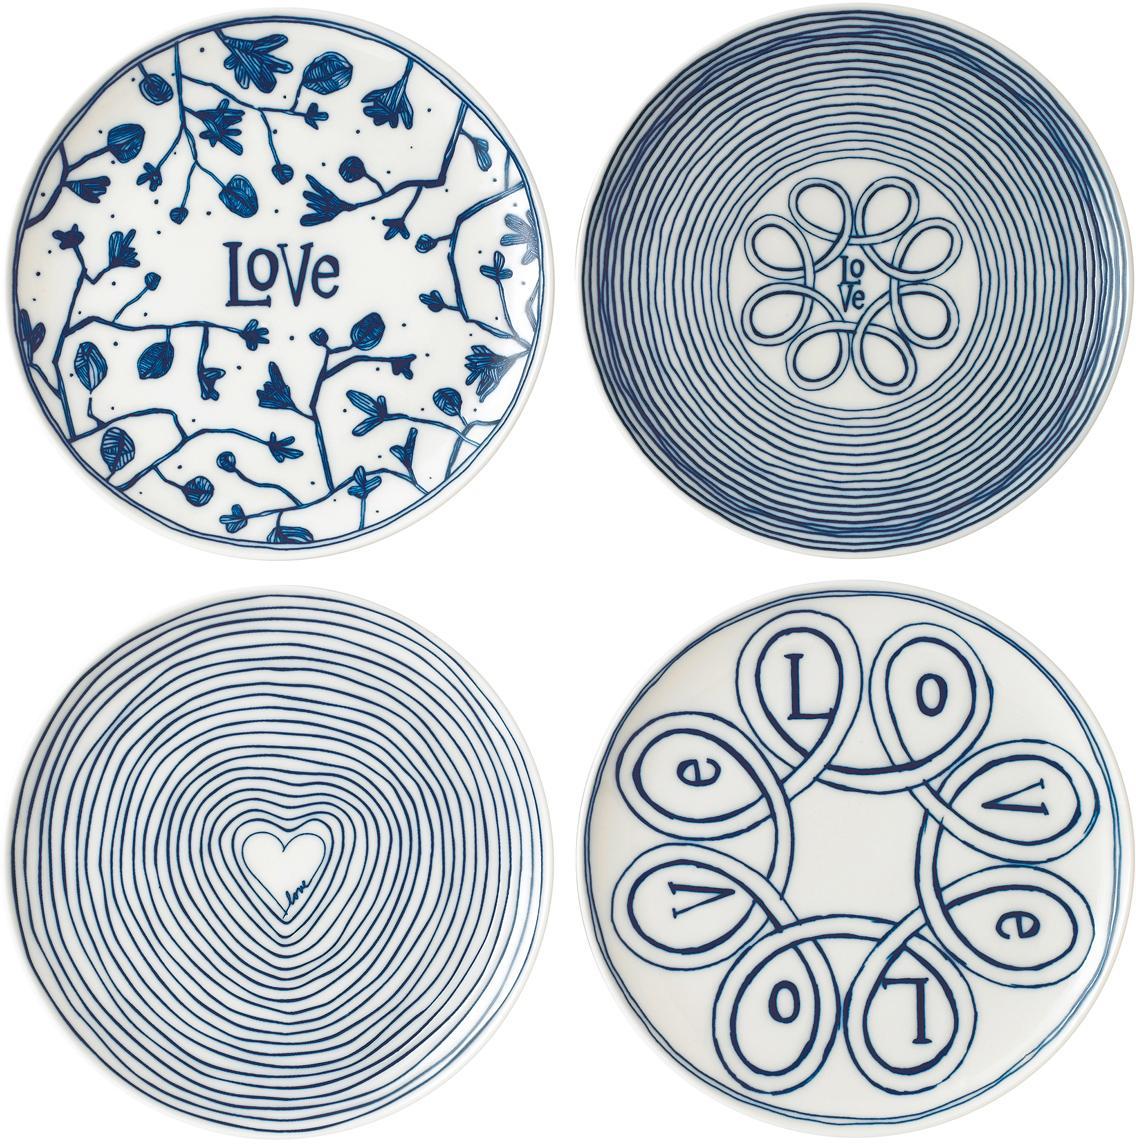 Platos postre Love, 4uds., Porcelana, Marfil, azul cobalto, Ø 21 cm